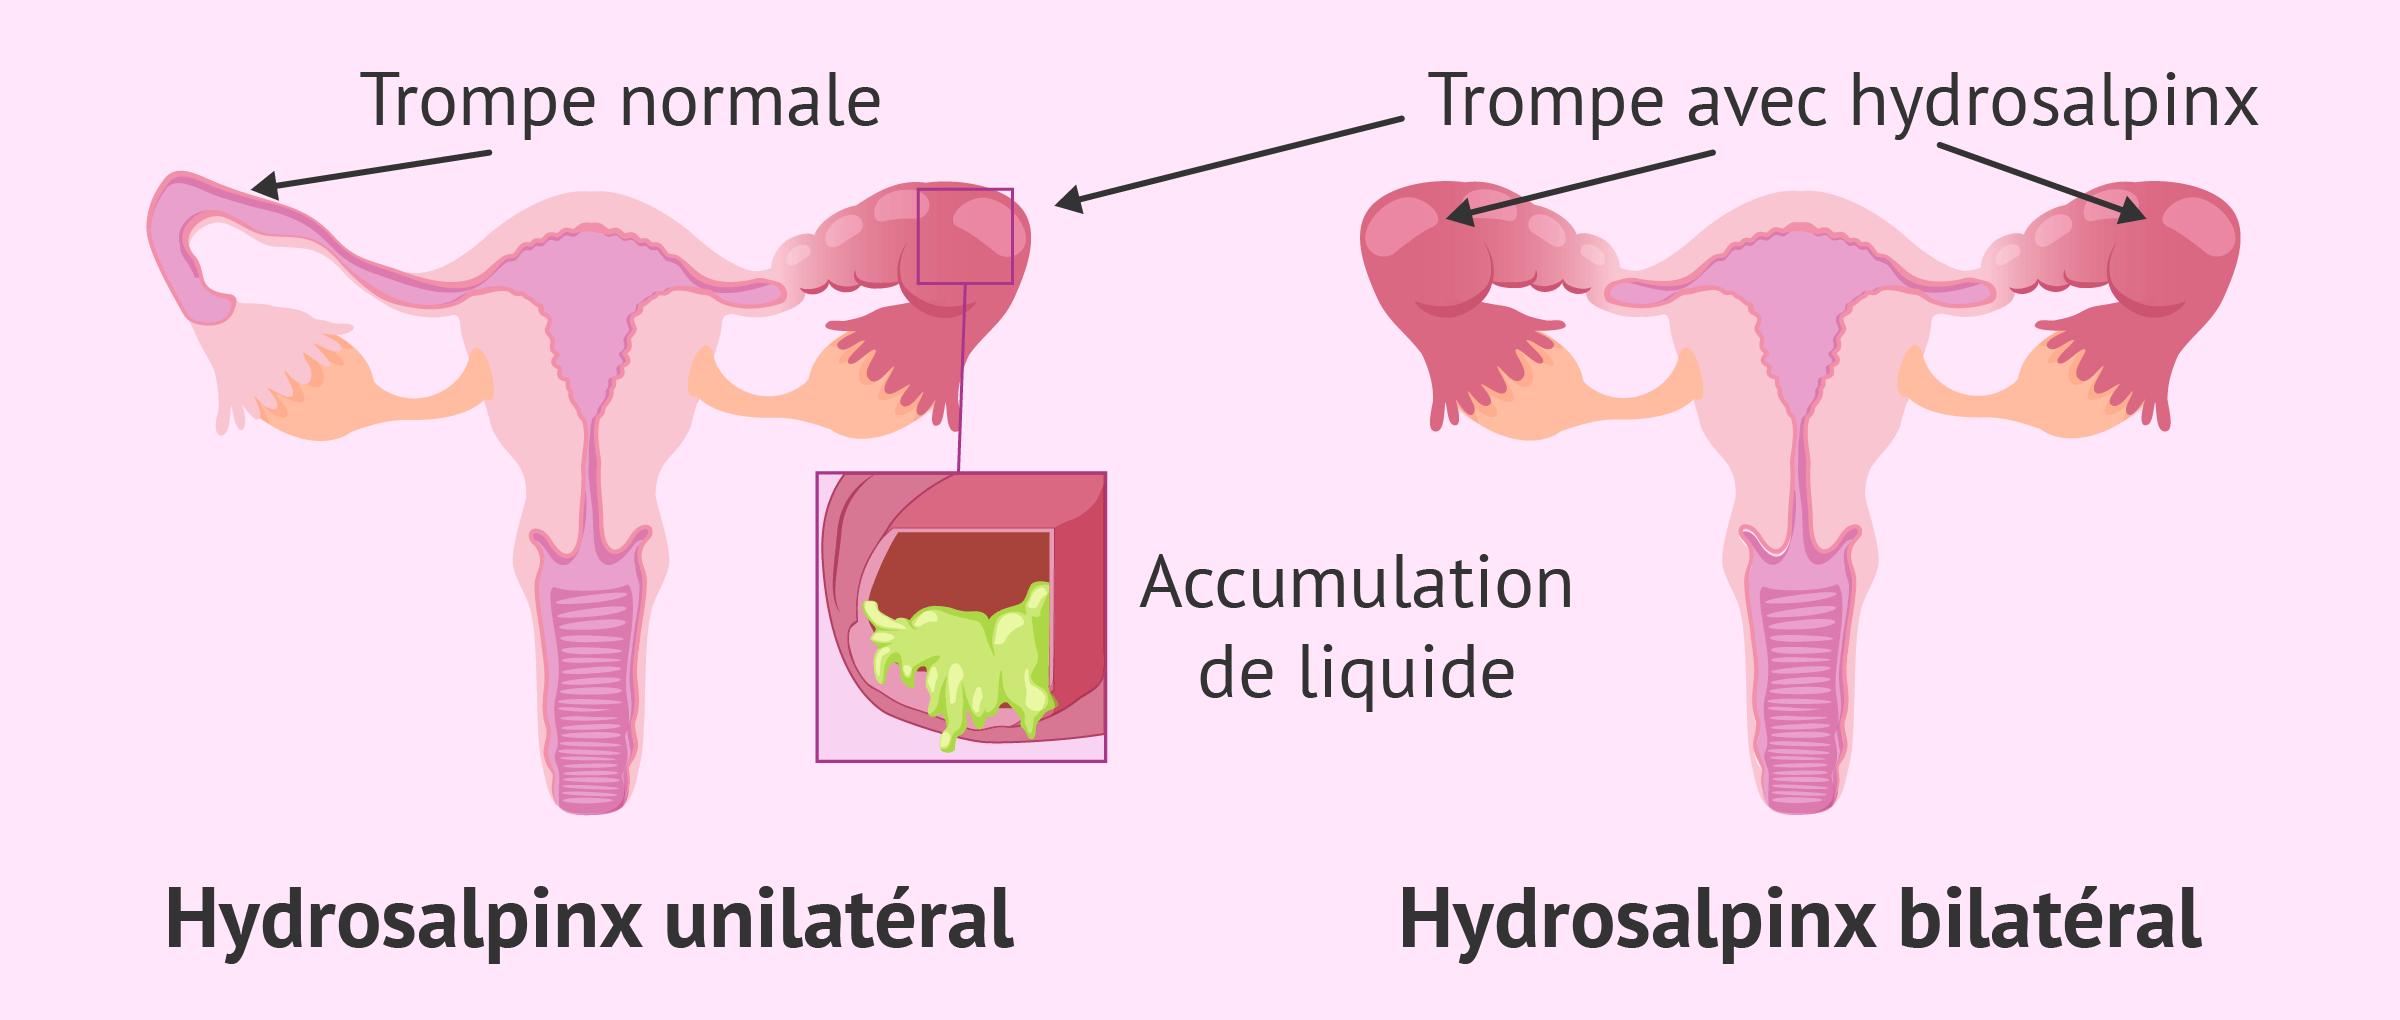 Imagen: Hydrosalpinx unilatéral ou bilatéral